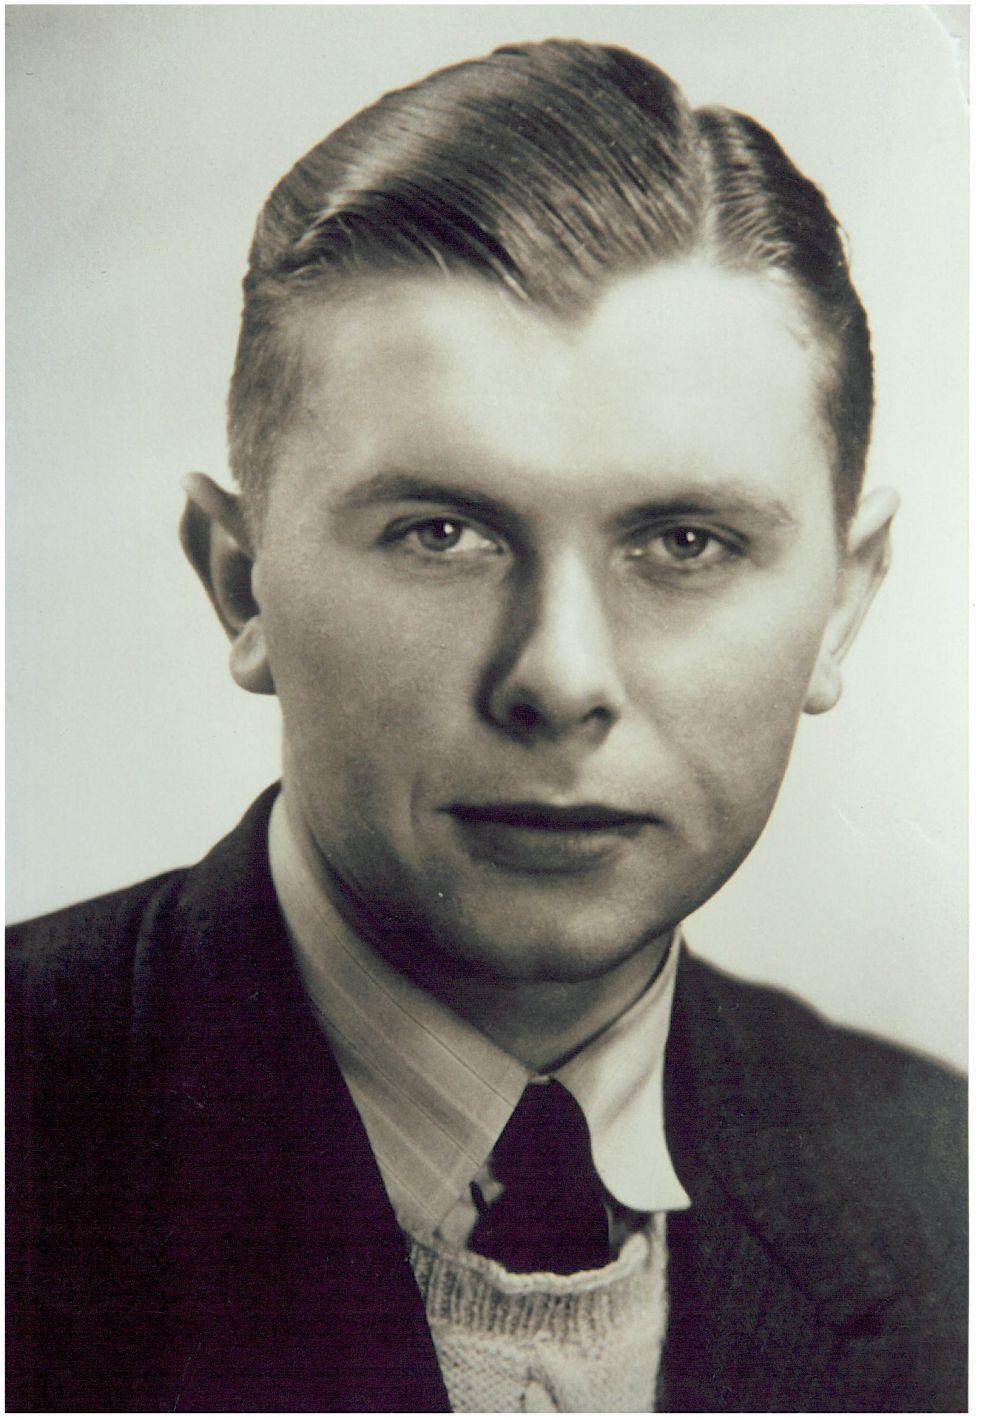 Verzetsman Albert Rozeman